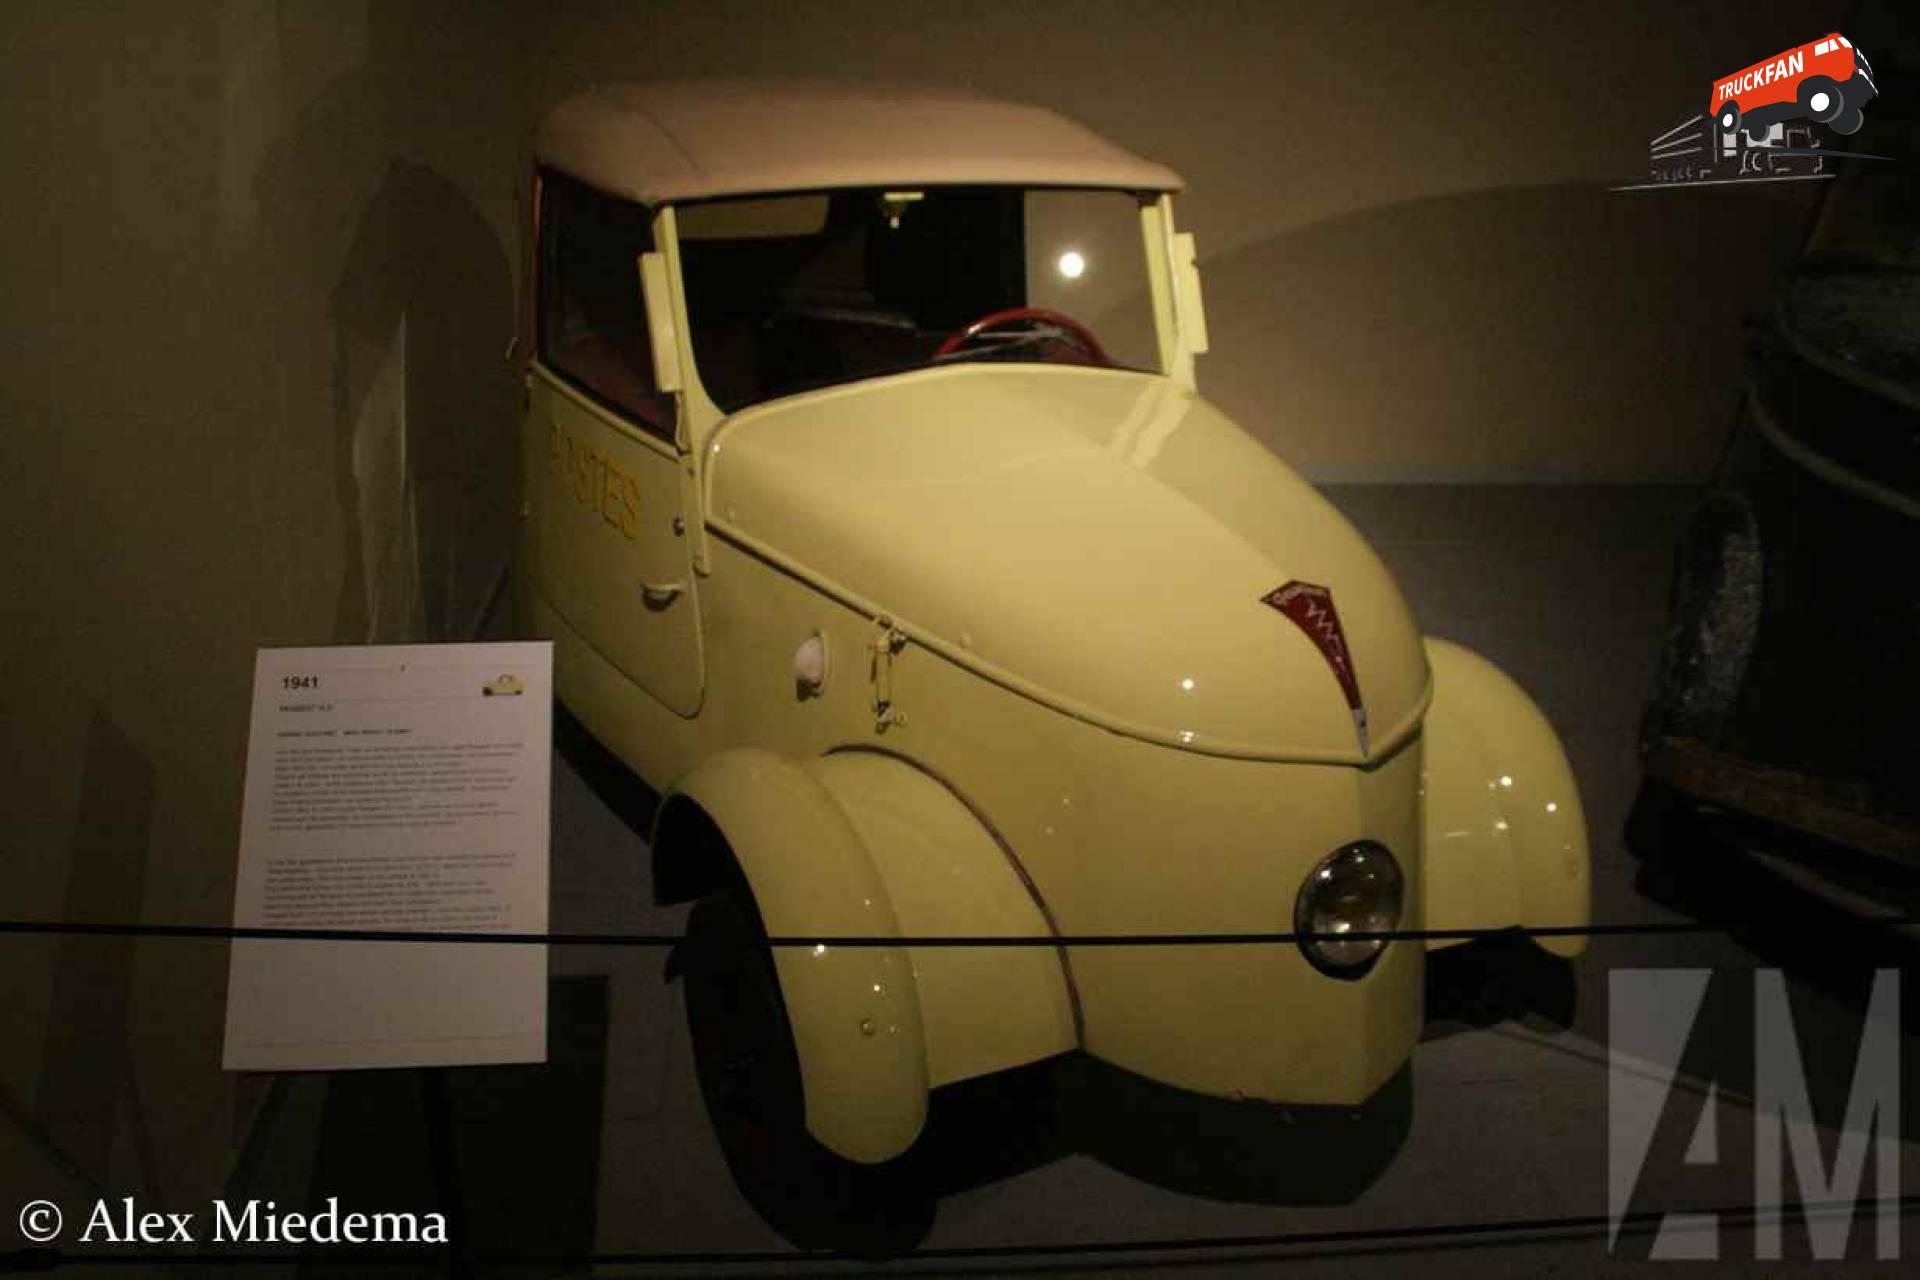 Peugeot VLV VLV lijkt een driewieler, maar heeft toch echt vier wielen. De achterwielen zitten wel heel dicht bij elkaar, de spoorbreedte is maar 335 millimeter. Ze delen zelfs samen een rem. De Voiture Légère de Ville (Frans voor lichte stadsauto) kwam in 1941 op de markt. Tot en met 1945 werden er in totaal 377 exemplaren gebouwd, waarvan er meerdere richting de posterijen gingen. Ze werden gebouwd in het deel van Frankrijk wat bezet was doro de Duitsers. Deze vonden dat ze de fossiele brandstoffen maar het beste zelf konen gebruiken, de VLV is derhalve aangedreven door vier 12V accu's. Deze geven de Peugeot een topsnelheid van 30 kilometerVLV lijkt een driewieler, maar heeft toch echt vier wielen. De achterwielen zitten wel heel dicht bij elkaar, de spoorbreedte is maar 335 millimeter. Ze delen zelfs samen een rem. De Voiture Légère de Ville (Frans voor lichte stadsauto) kwam in 1941 op de markt. Tot en met 1945 werden er in totaal 377 exemplaren gebouwd, waarvan er meerdere richting de posterijen gingen. Ze werden gebouwd in het deel van Frankrijk wat bezet was doro de Duitsers. Deze vonden dat ze de fossiele brandstoffen maar het beste zelf konen gebruiken, de VLV is derhalve aangedreven door vier 12V accu's. Deze geven de Peugeot een topsnelheid van 30 kilometer